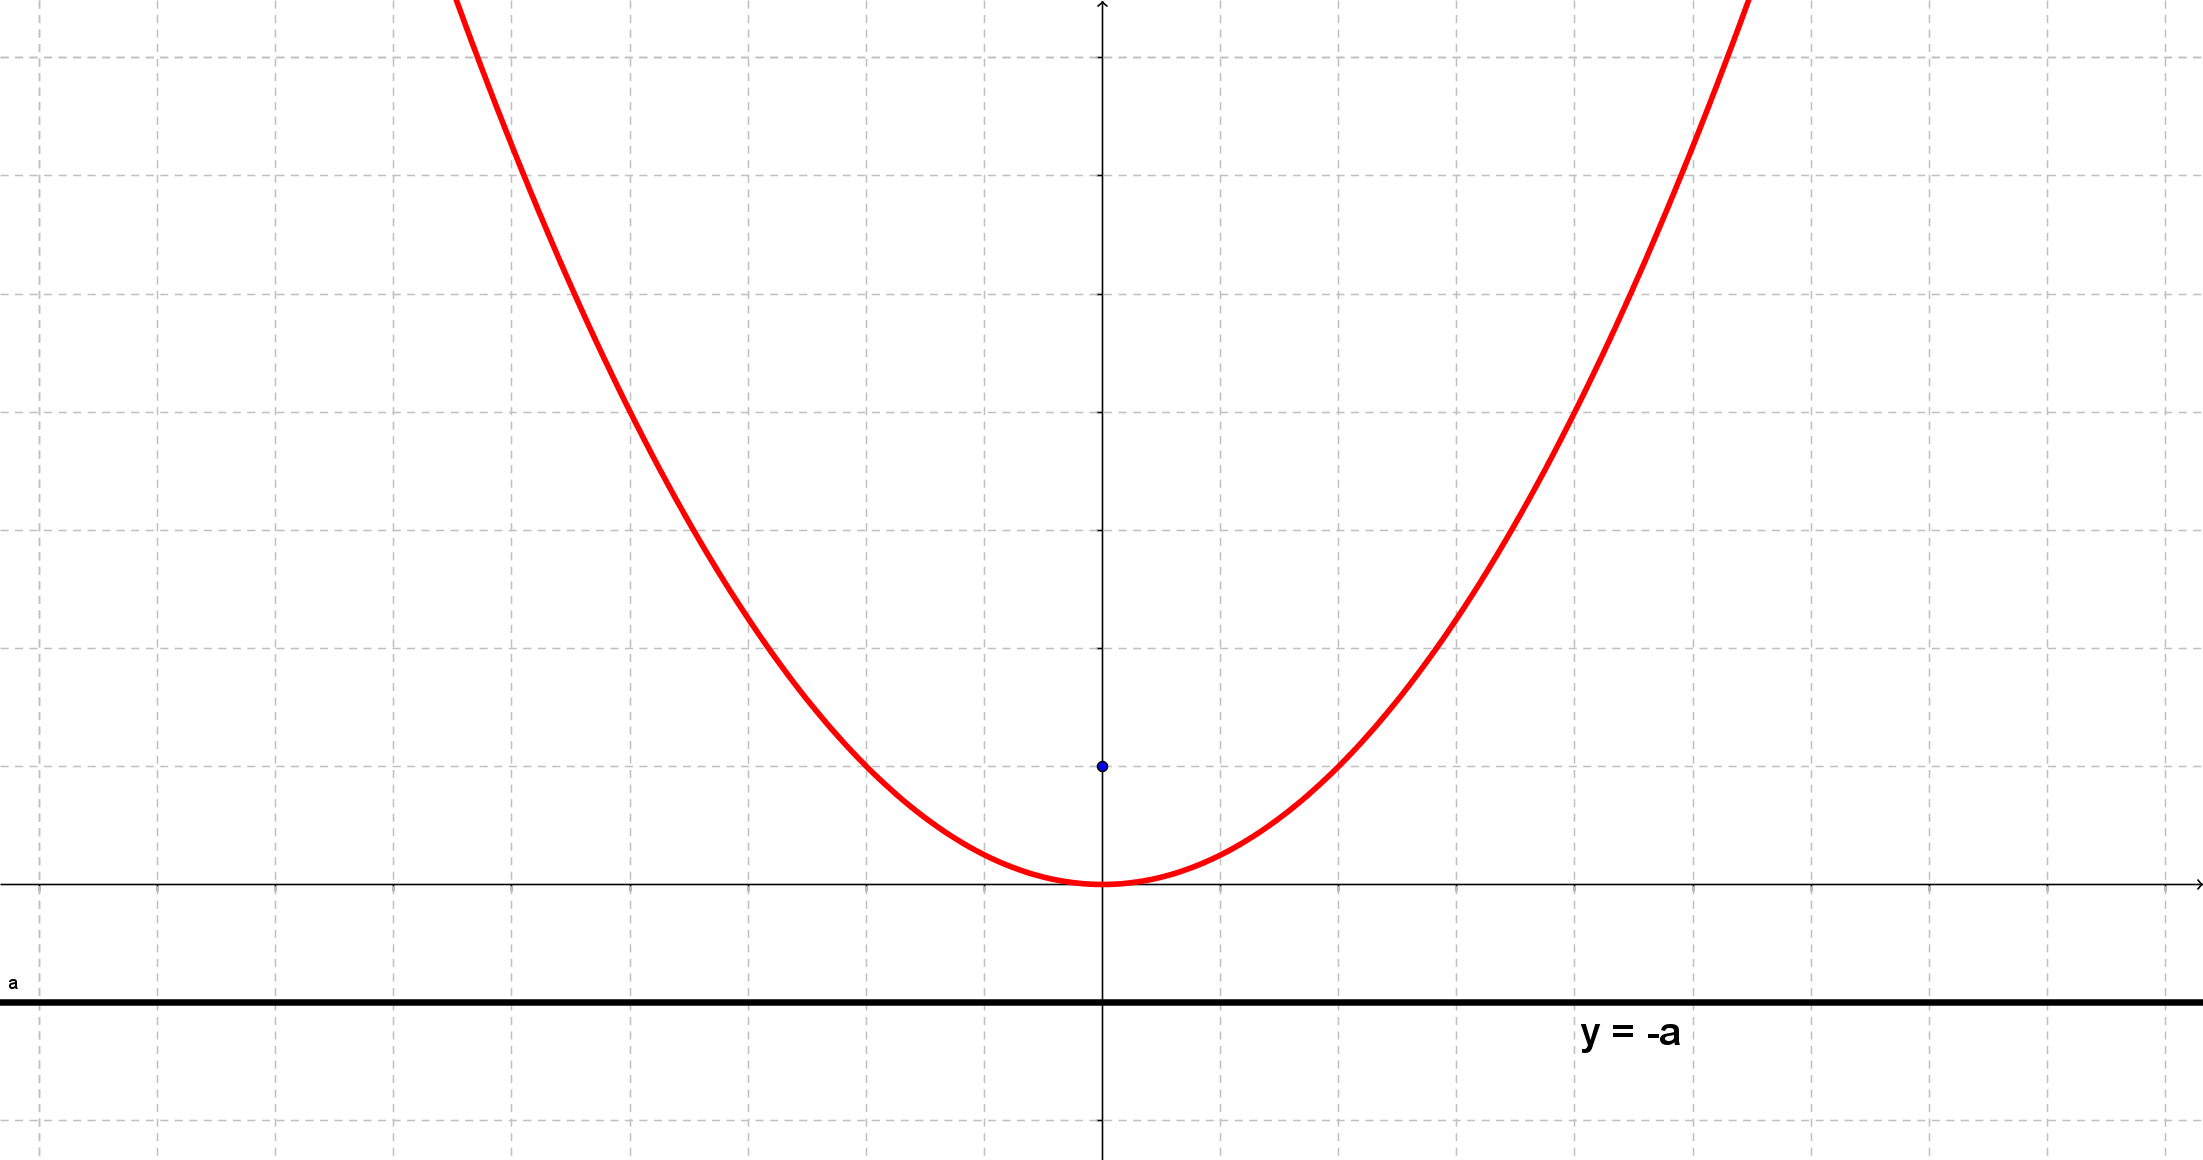 \(x^2 = 4ay\)